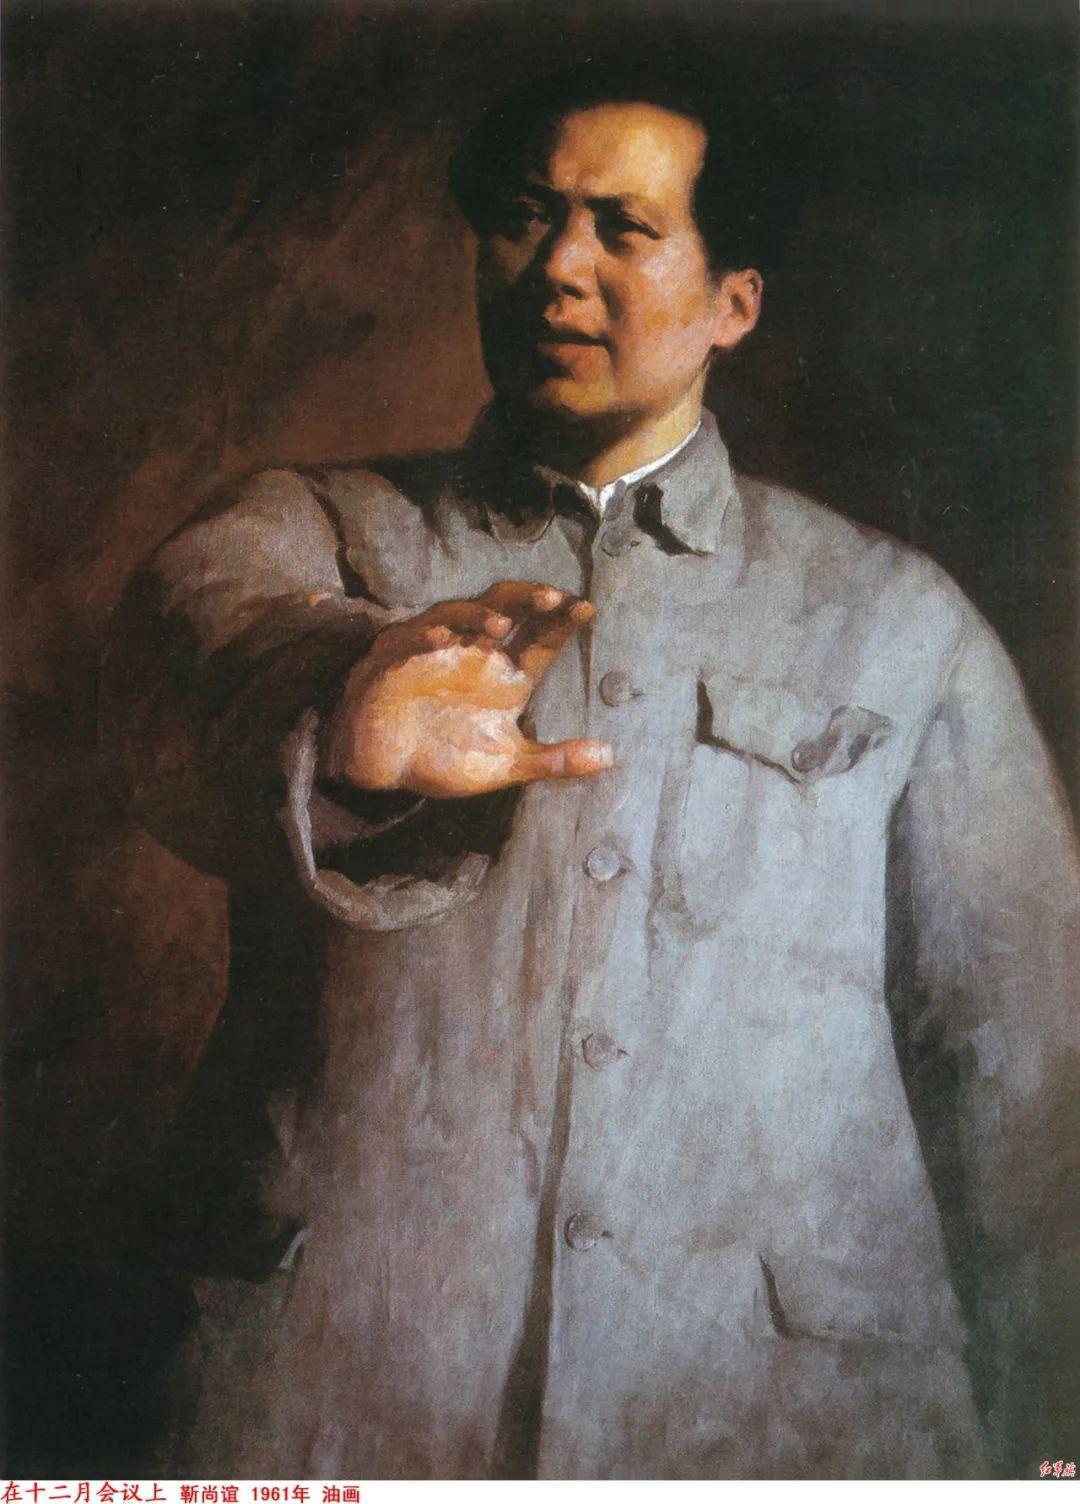 画家笔下的毛主席 缅怀毛主席逝世43周年插图3